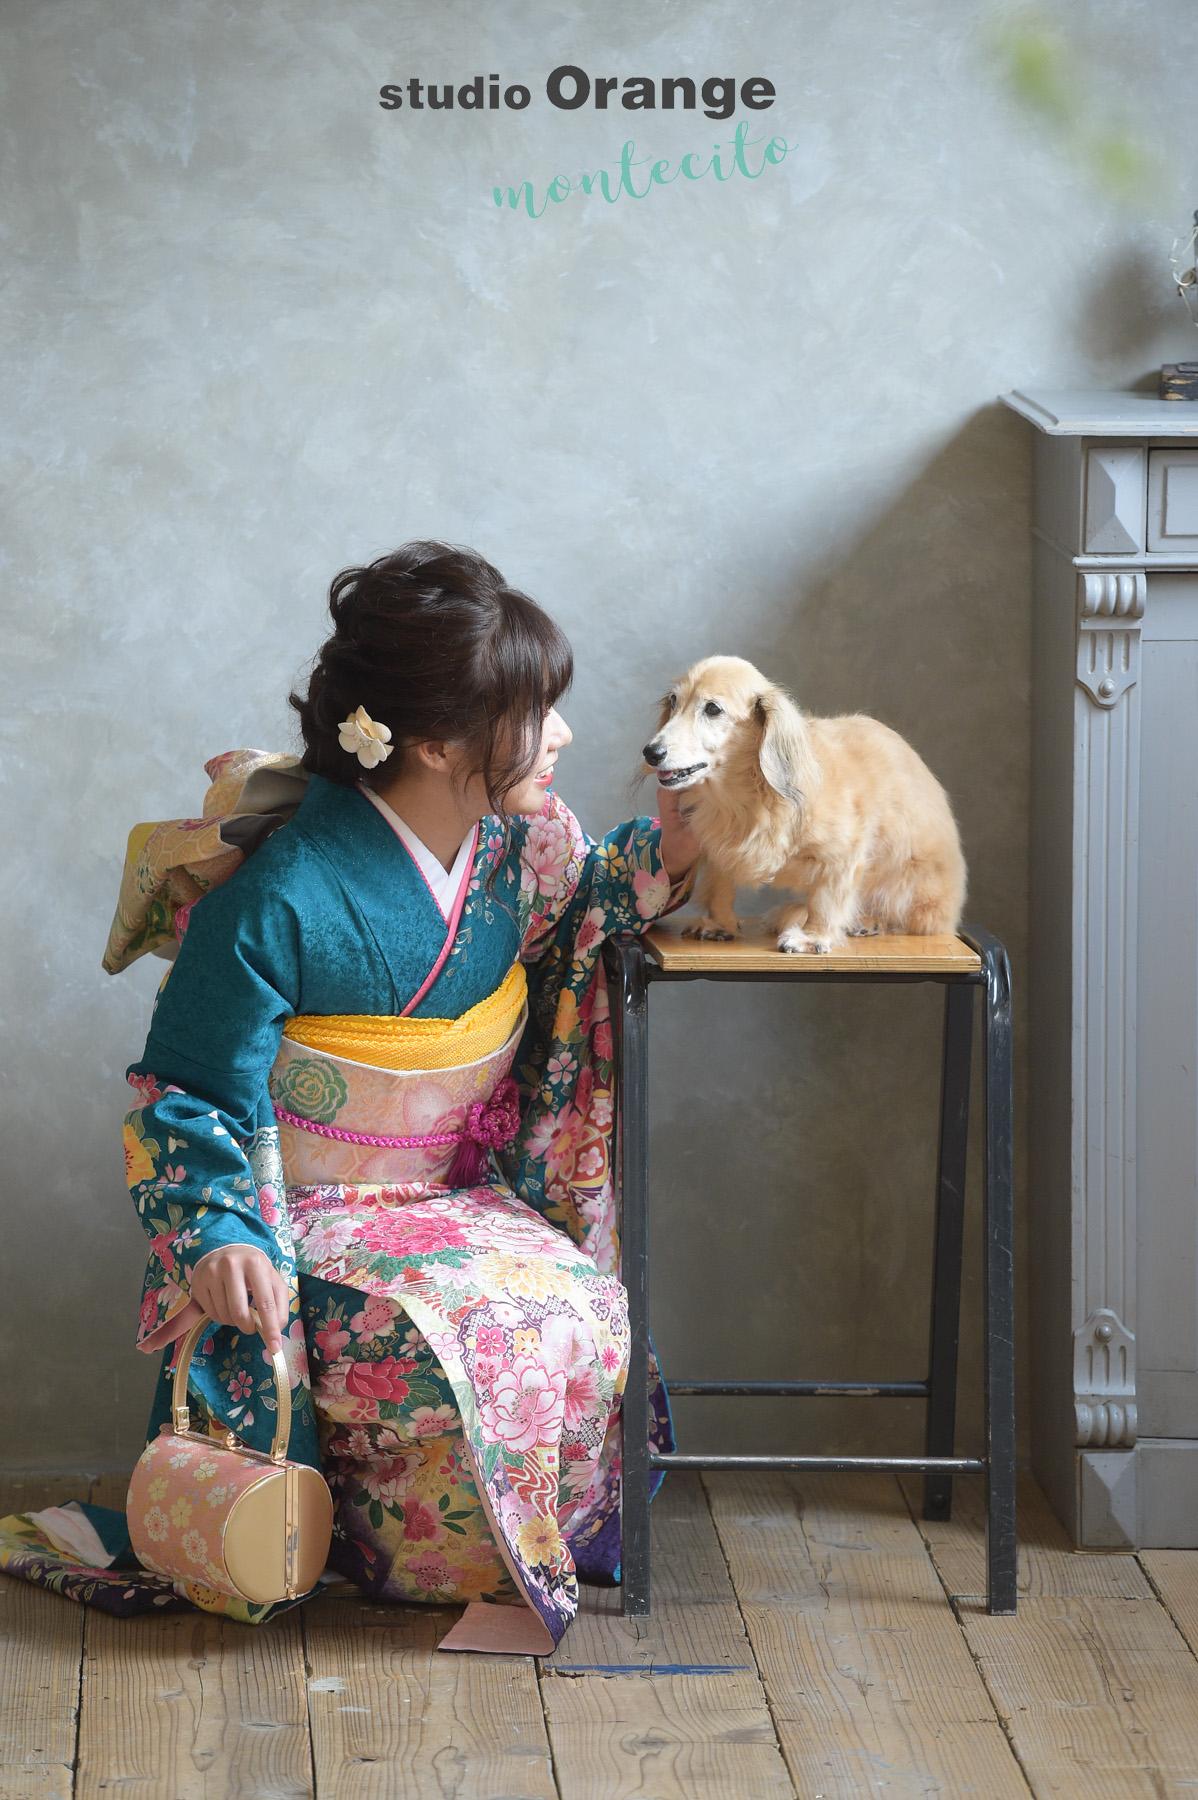 宝塚市 成人式 ダックスフント 犬と写真撮影